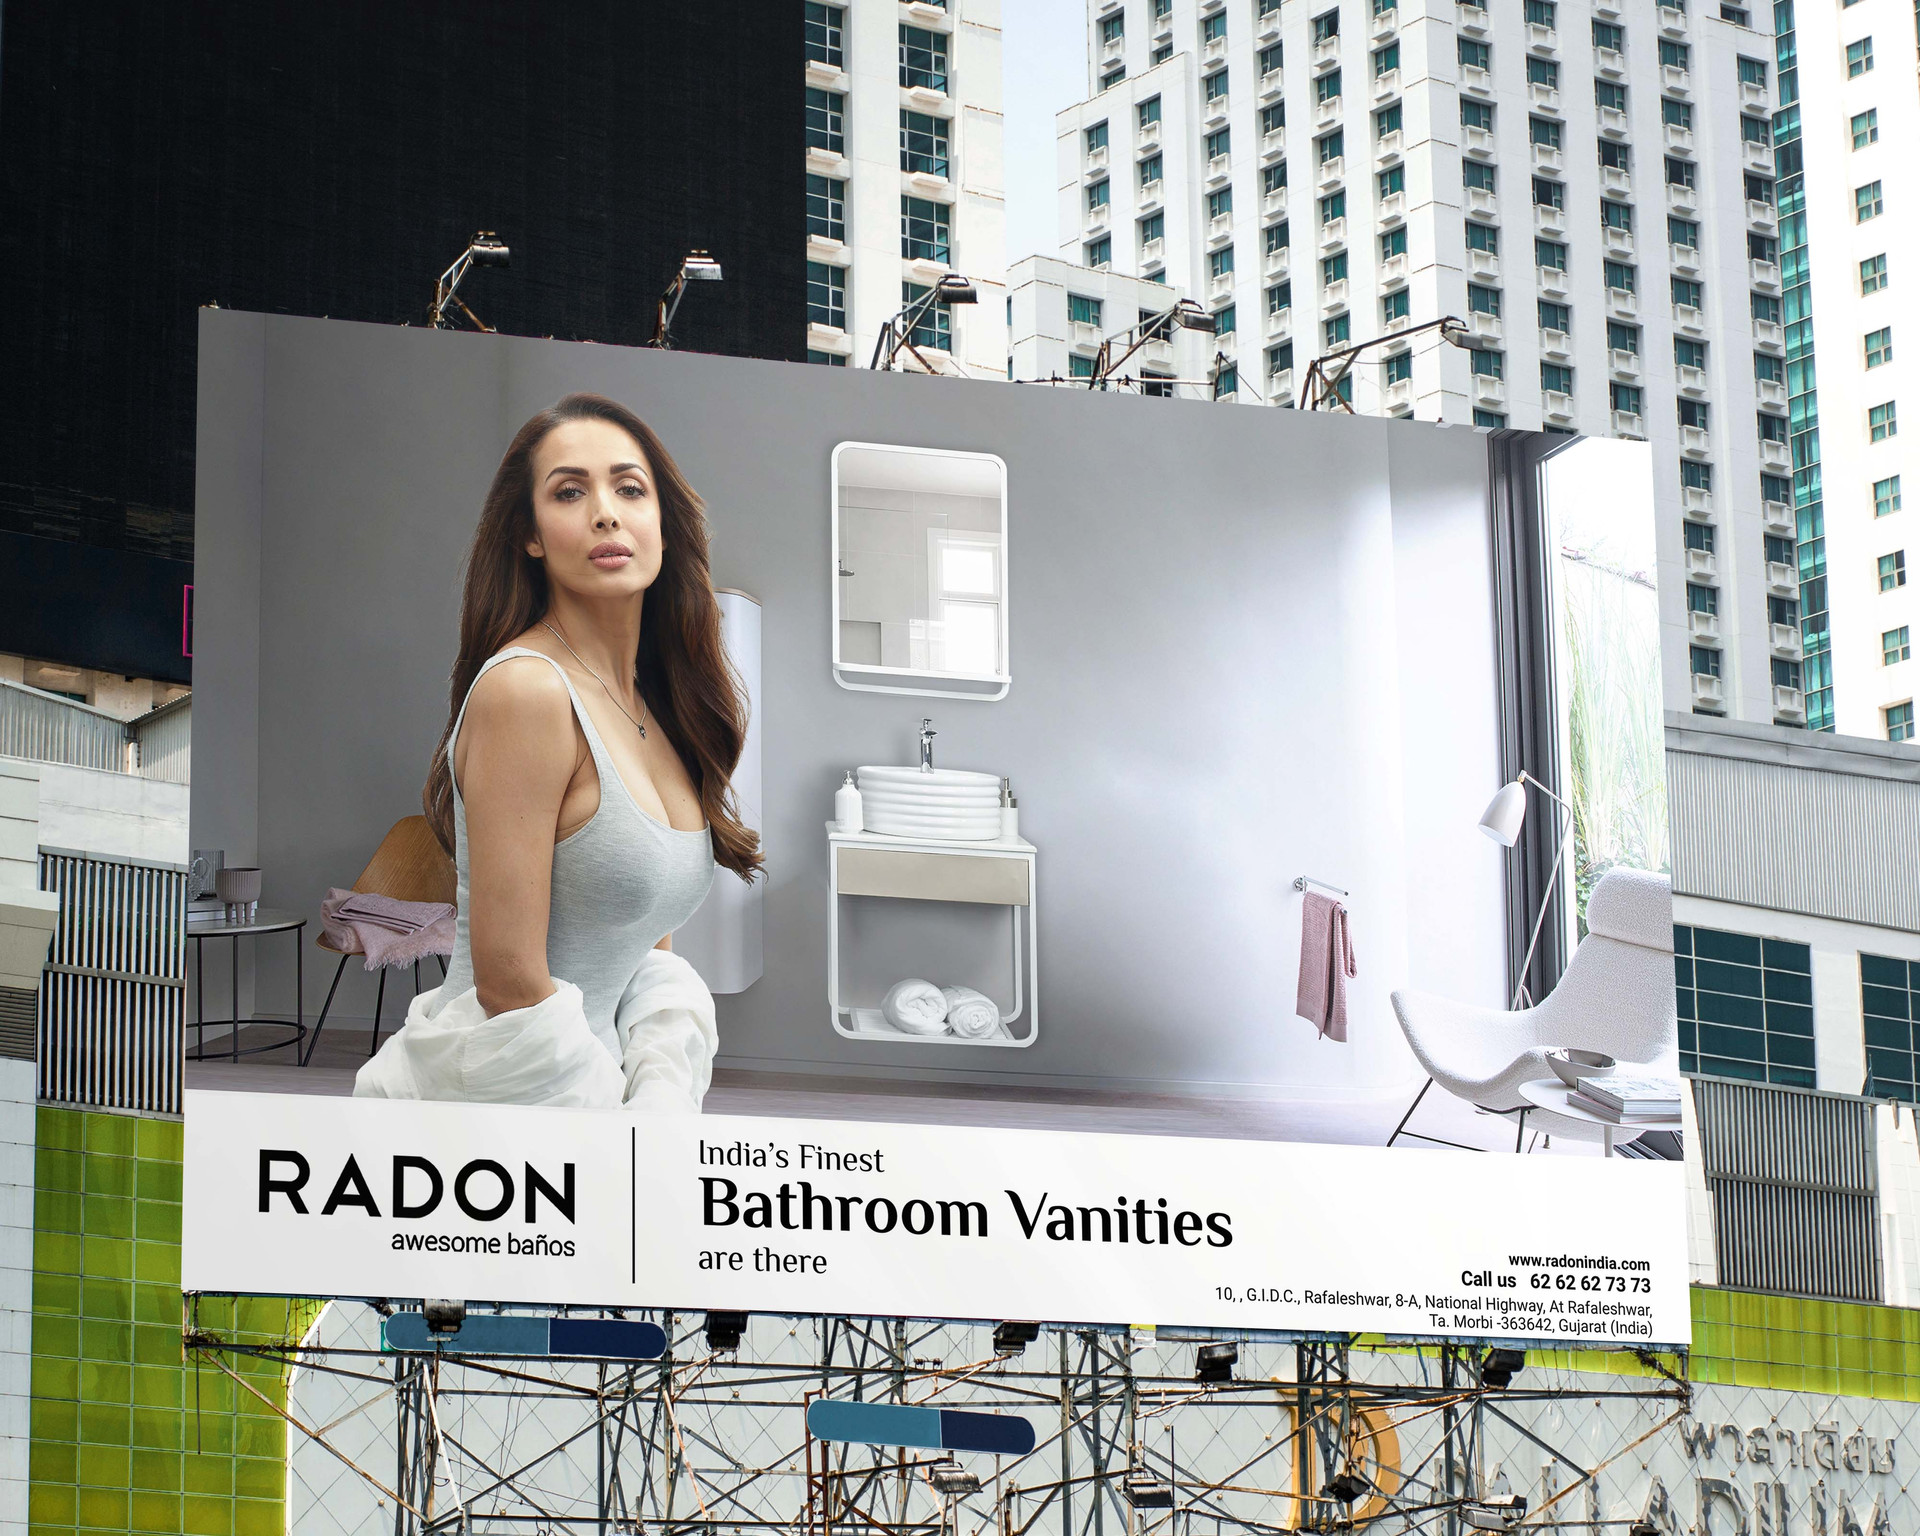 radon billboard 2 JPEG.jpg